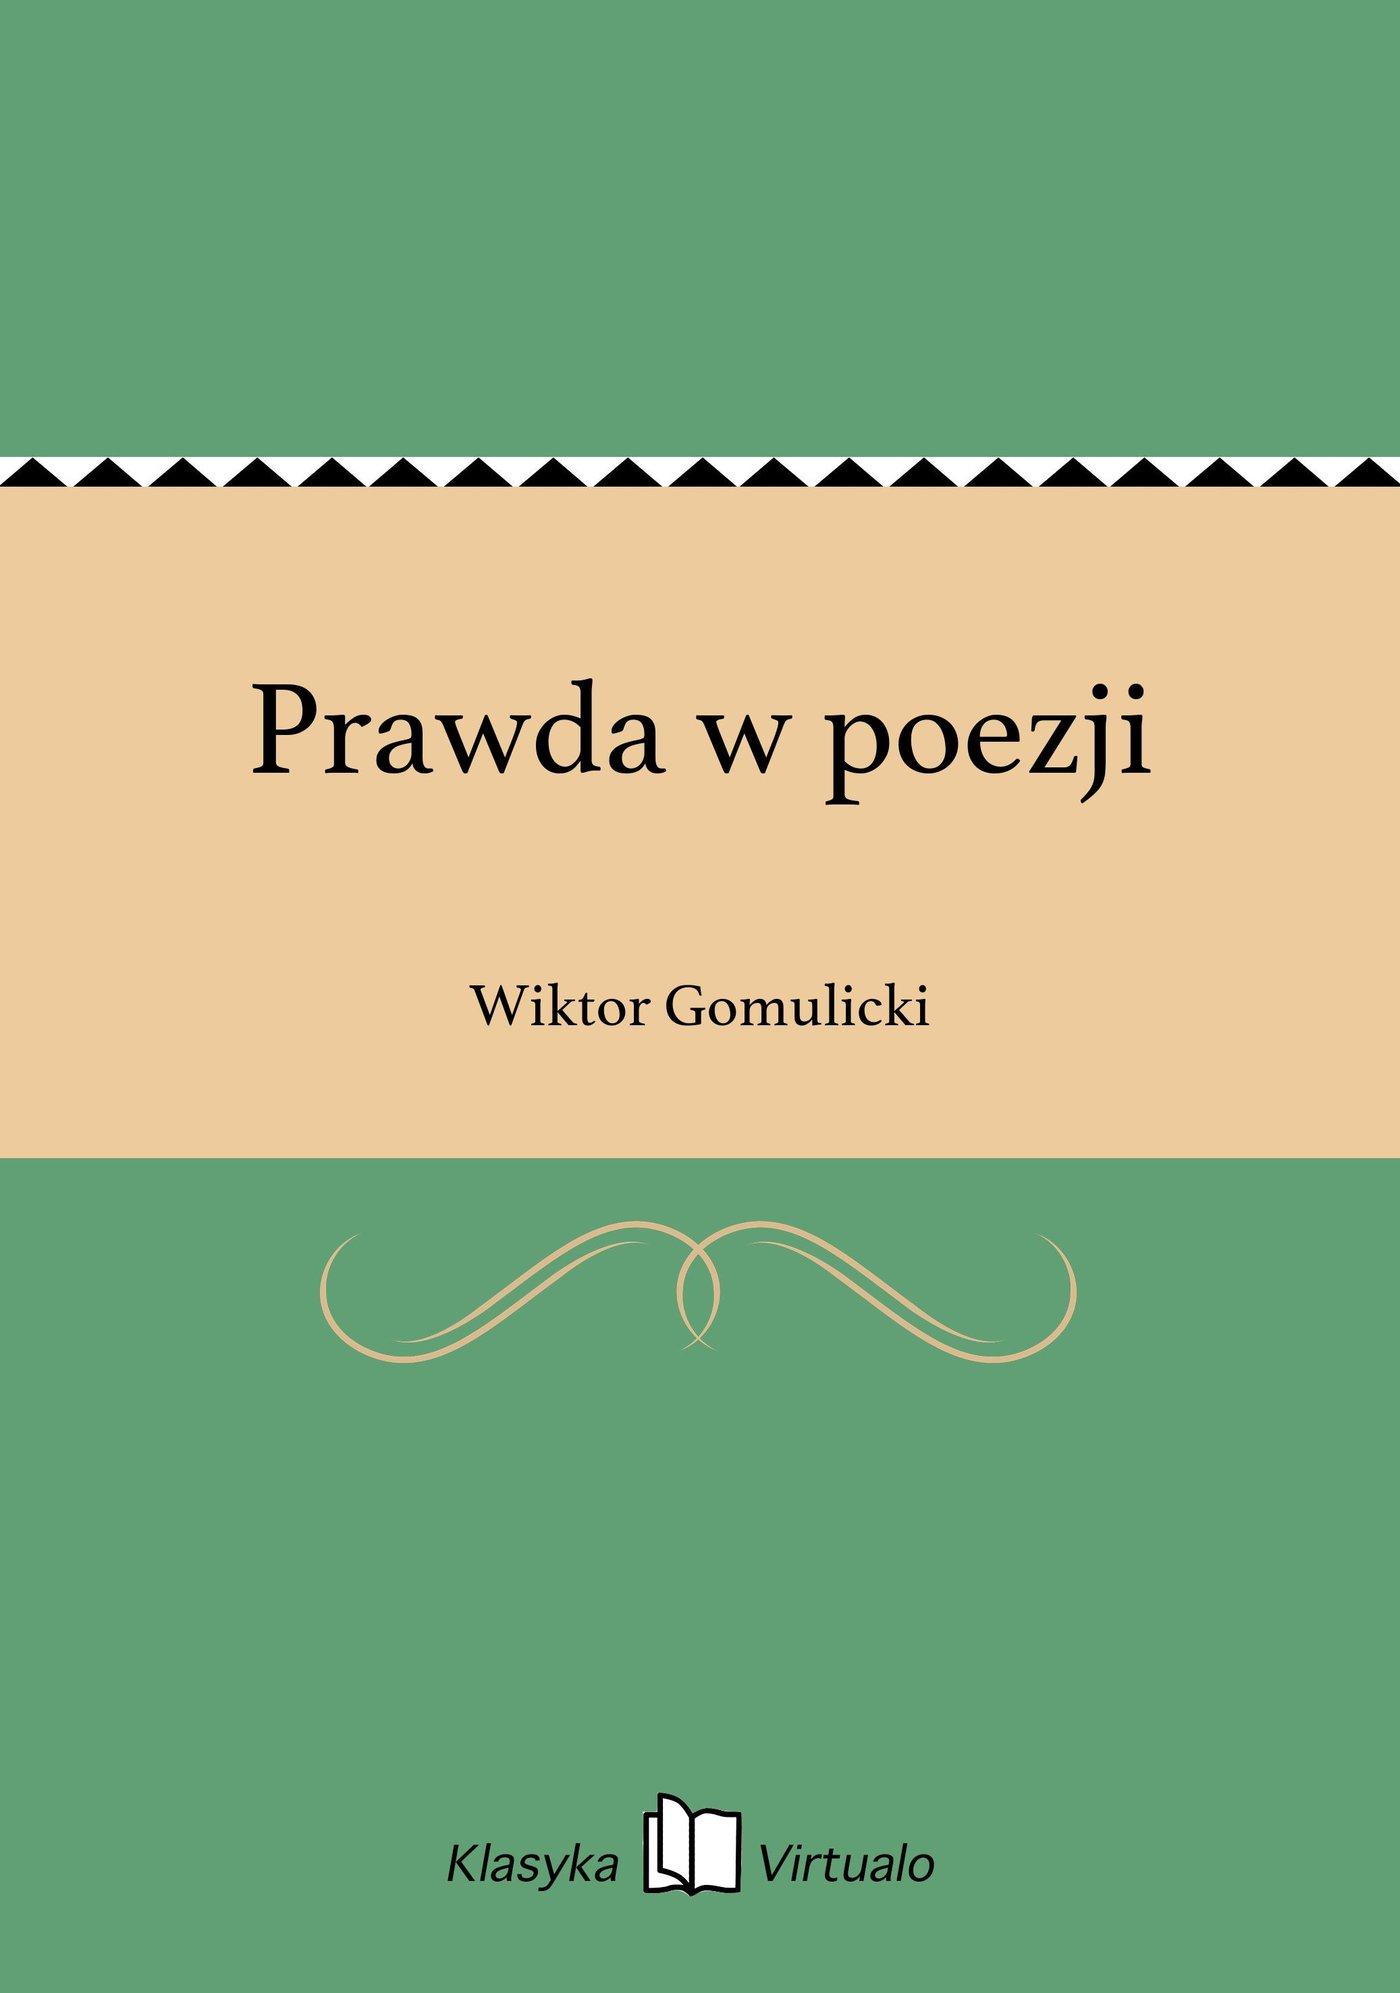 Prawda w poezji - Ebook (Książka EPUB) do pobrania w formacie EPUB